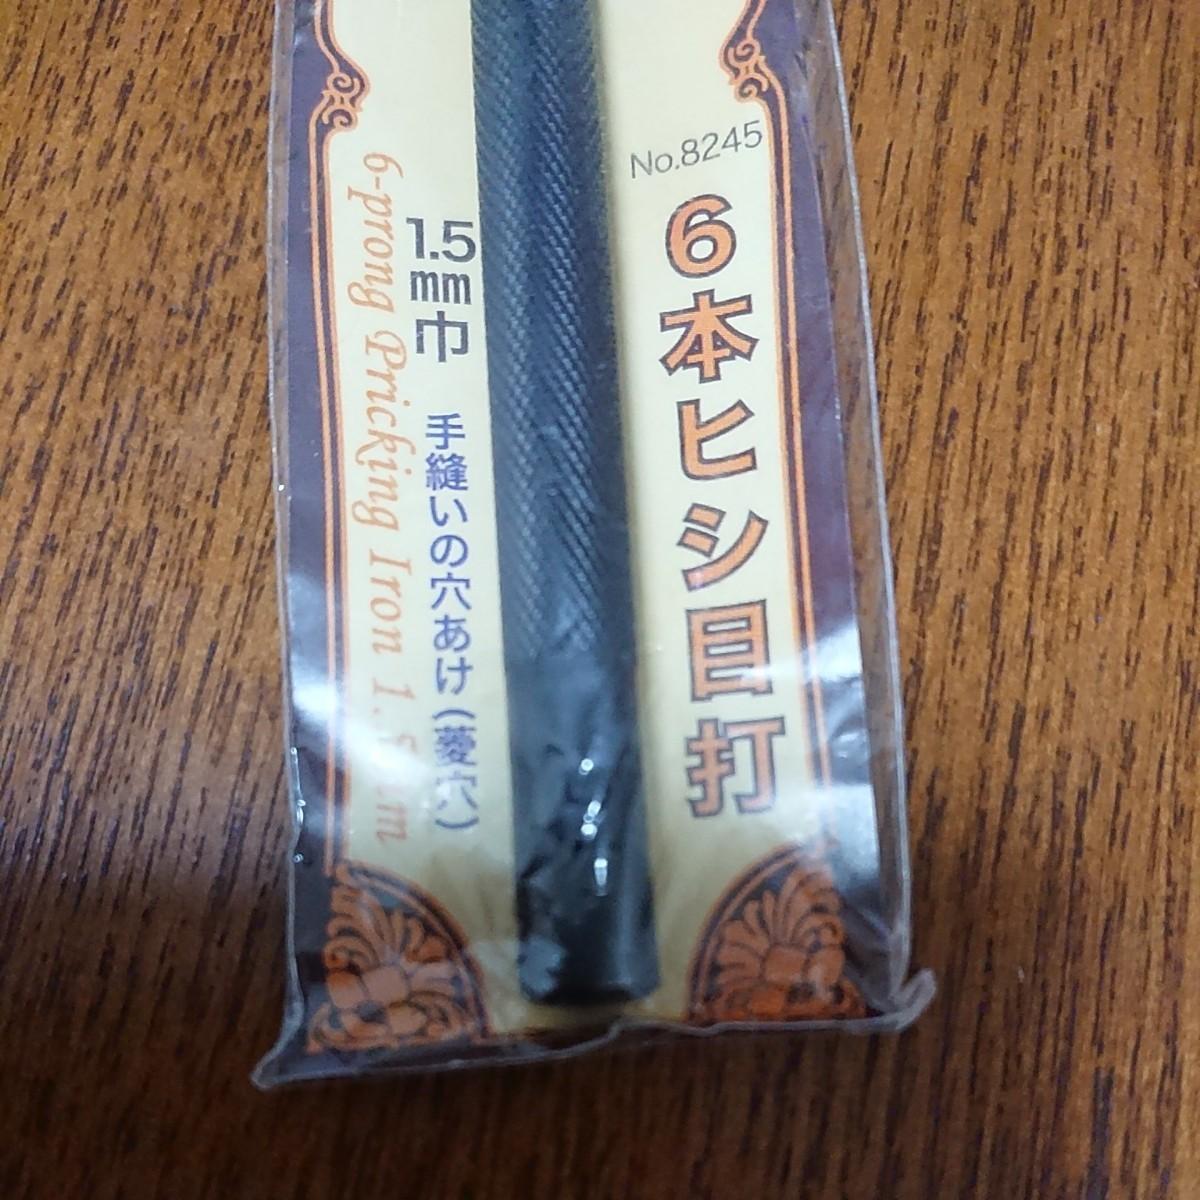 レザークラフト 6本ヒシ目打 /1.5mm巾 [クラフト社][型番:cf-8245]クラフト社 日本製 菱目打ち